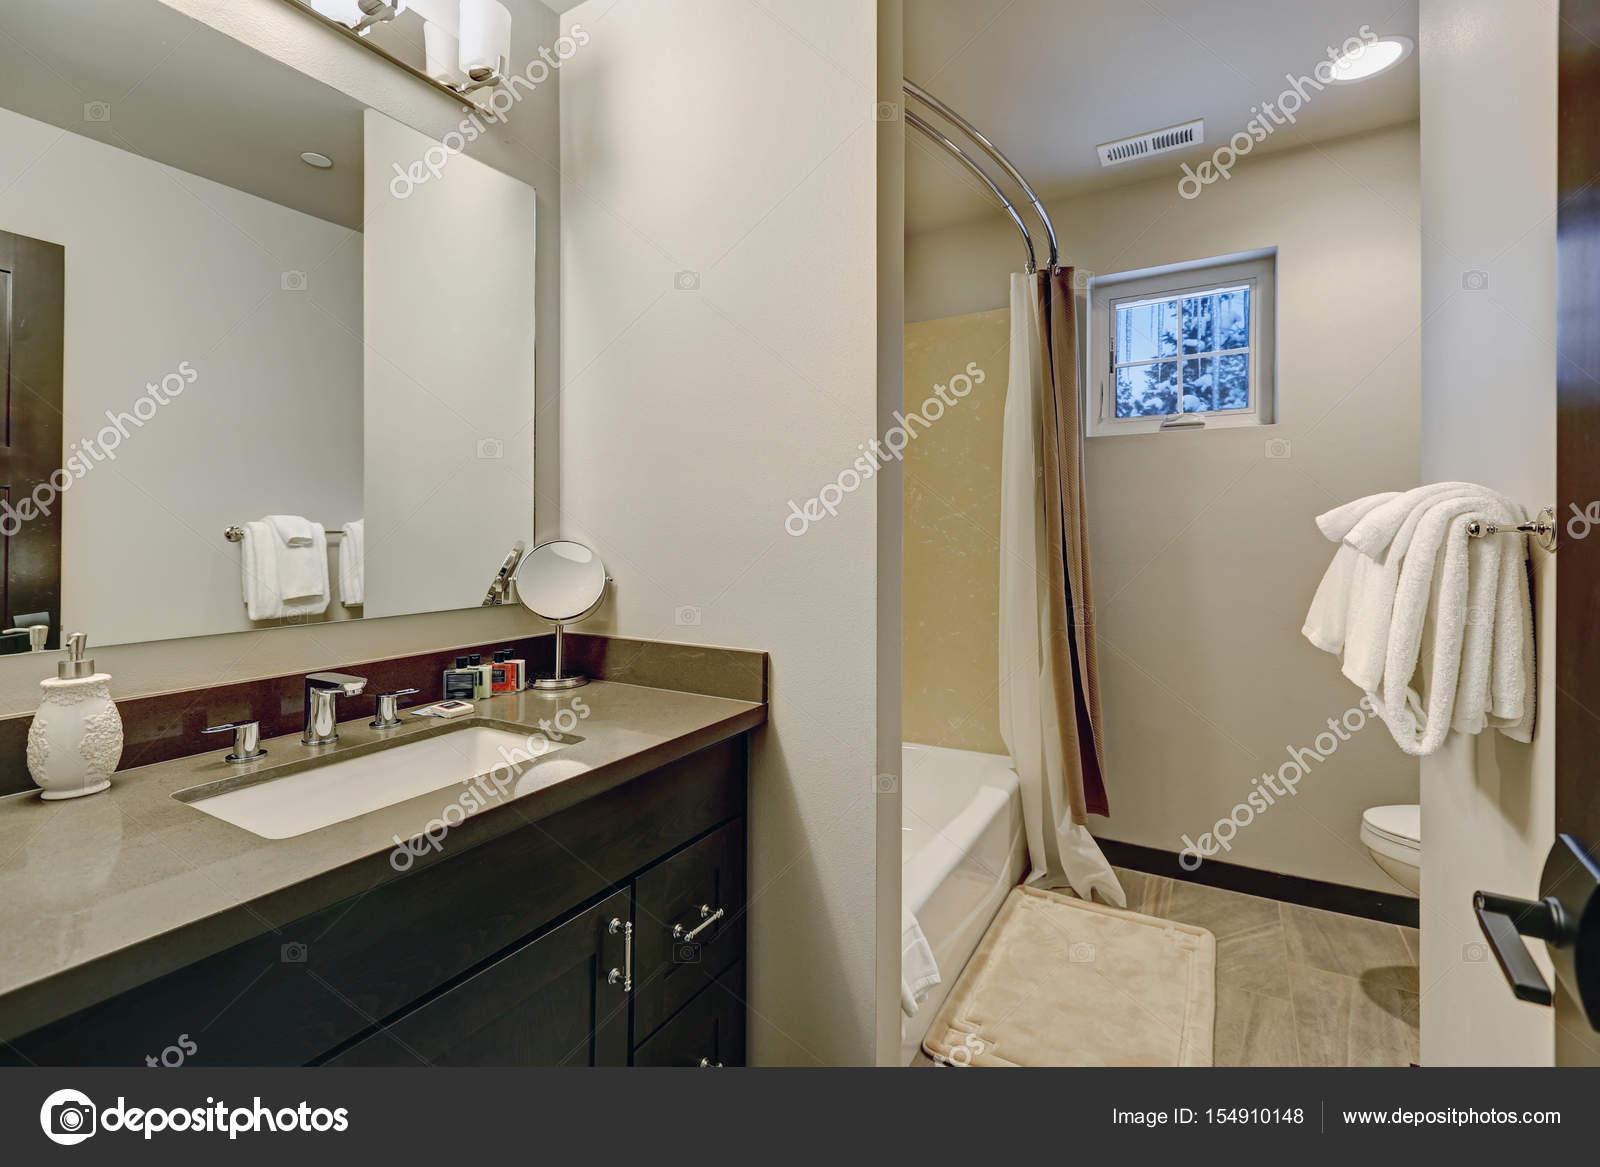 Design Bagno Con Doccia : Design bagno beige chiaro con vanità e doccia u2014 foto stock